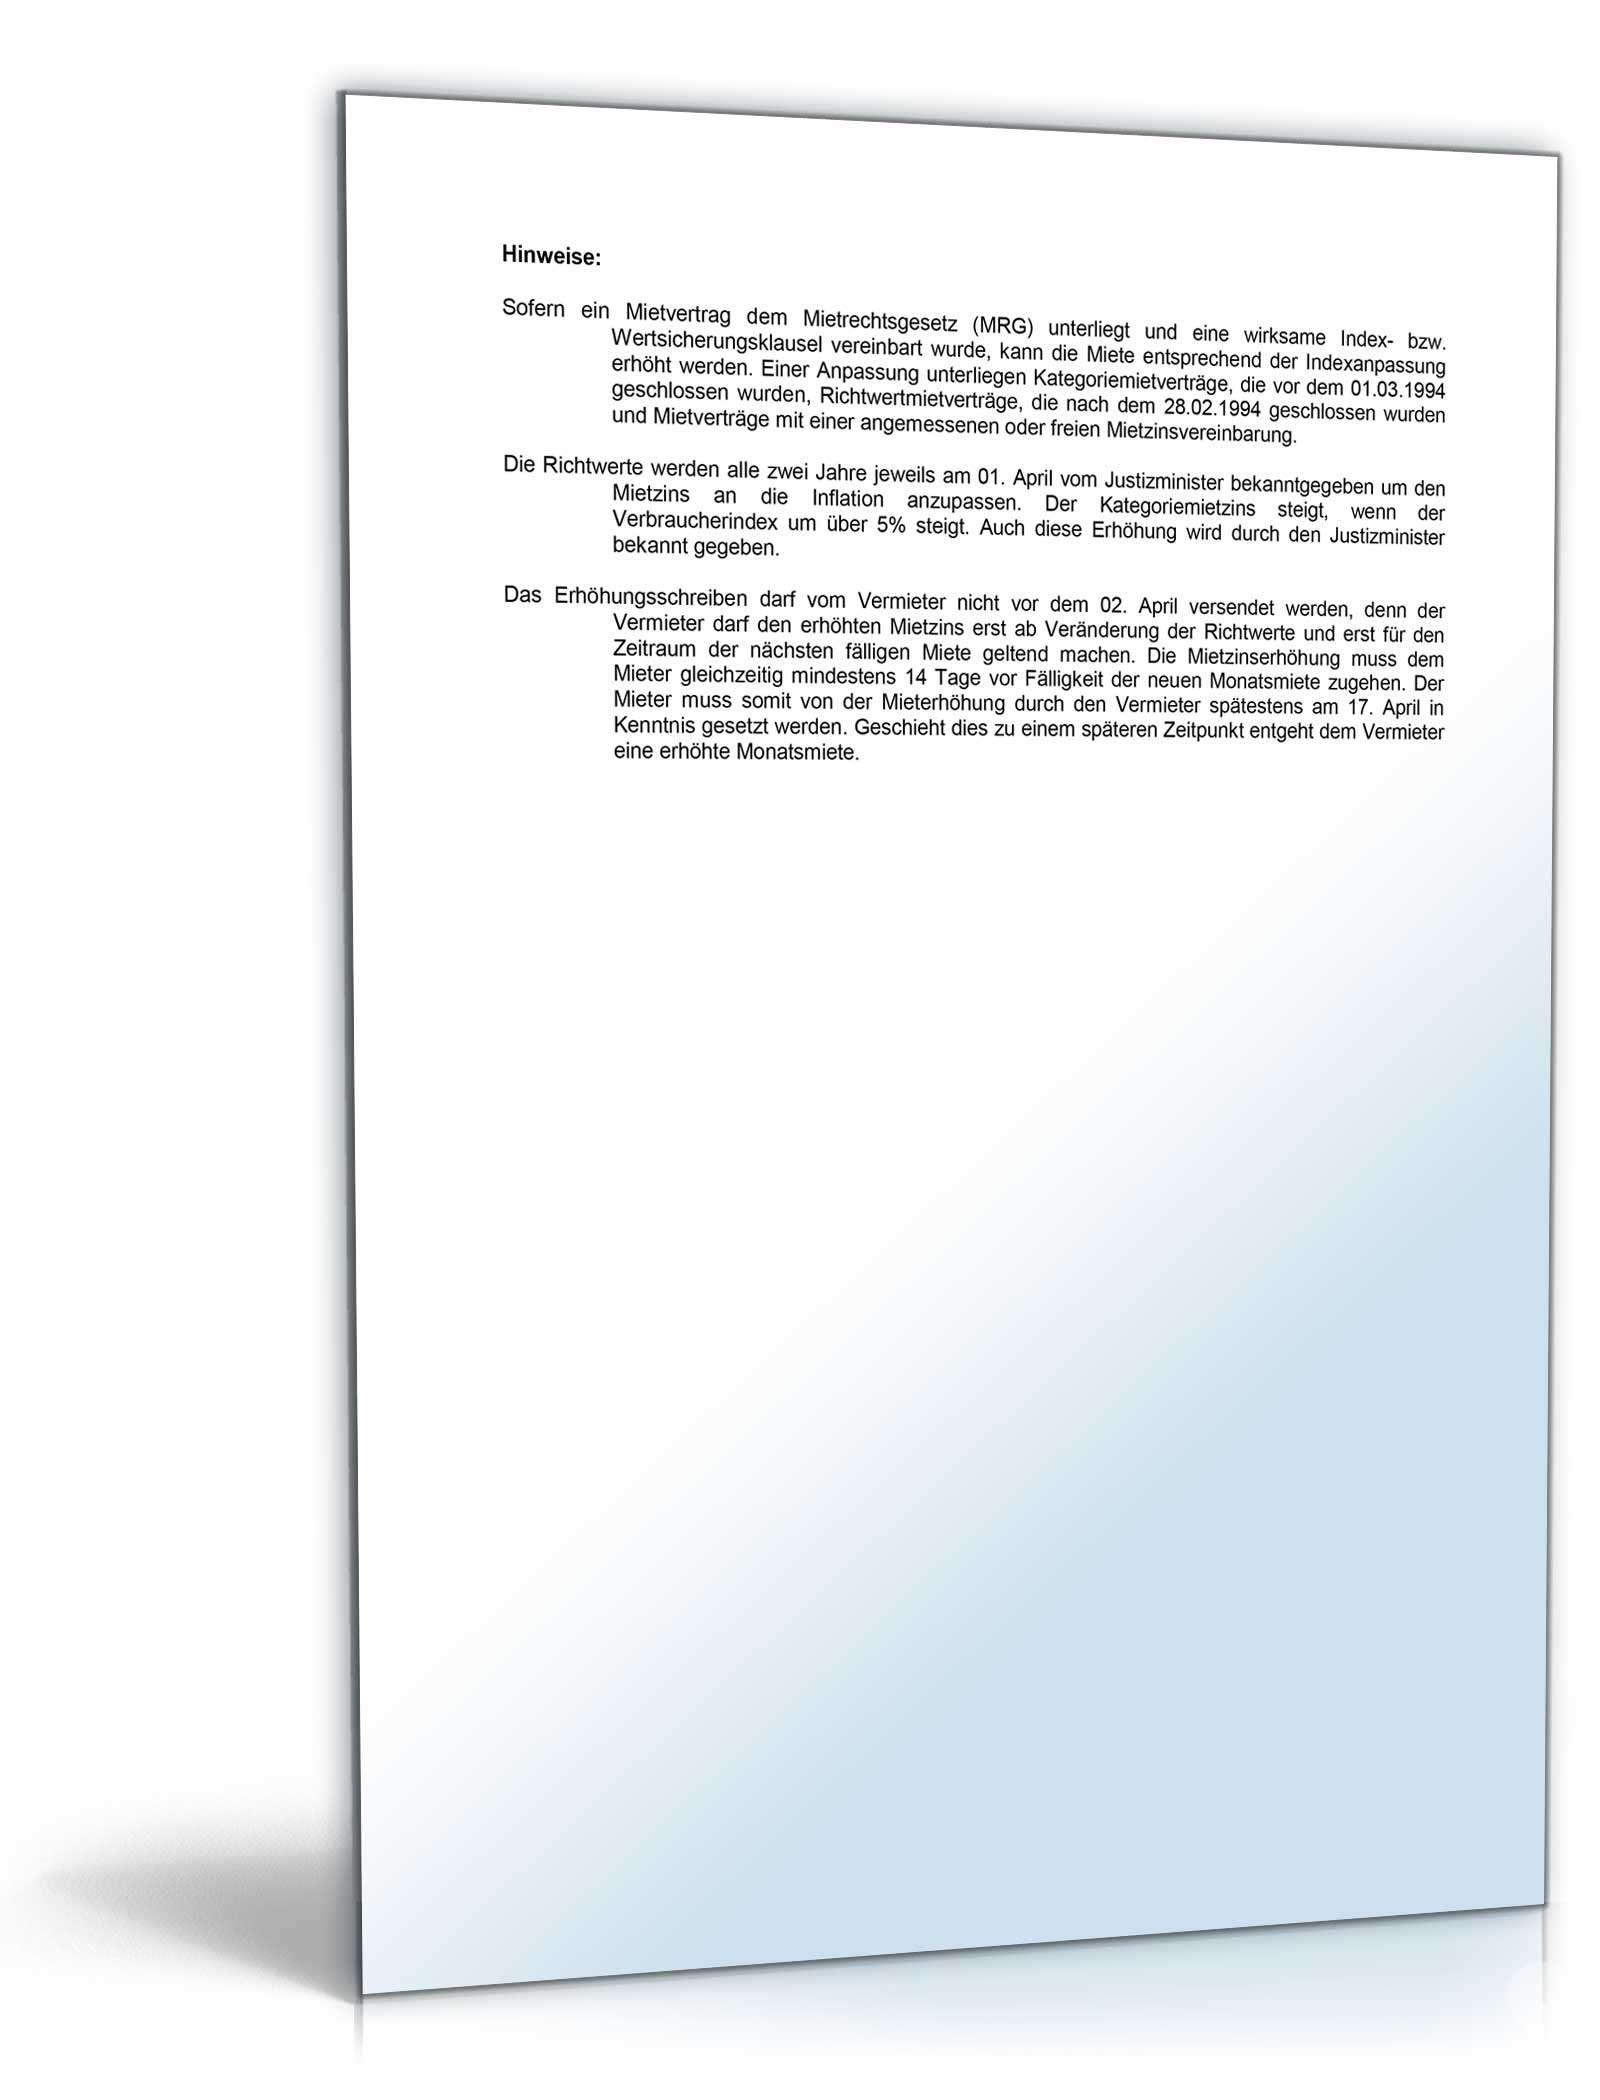 muster brief ankndigung mieterhhung ouml - Mieterhhungsverlangen Muster